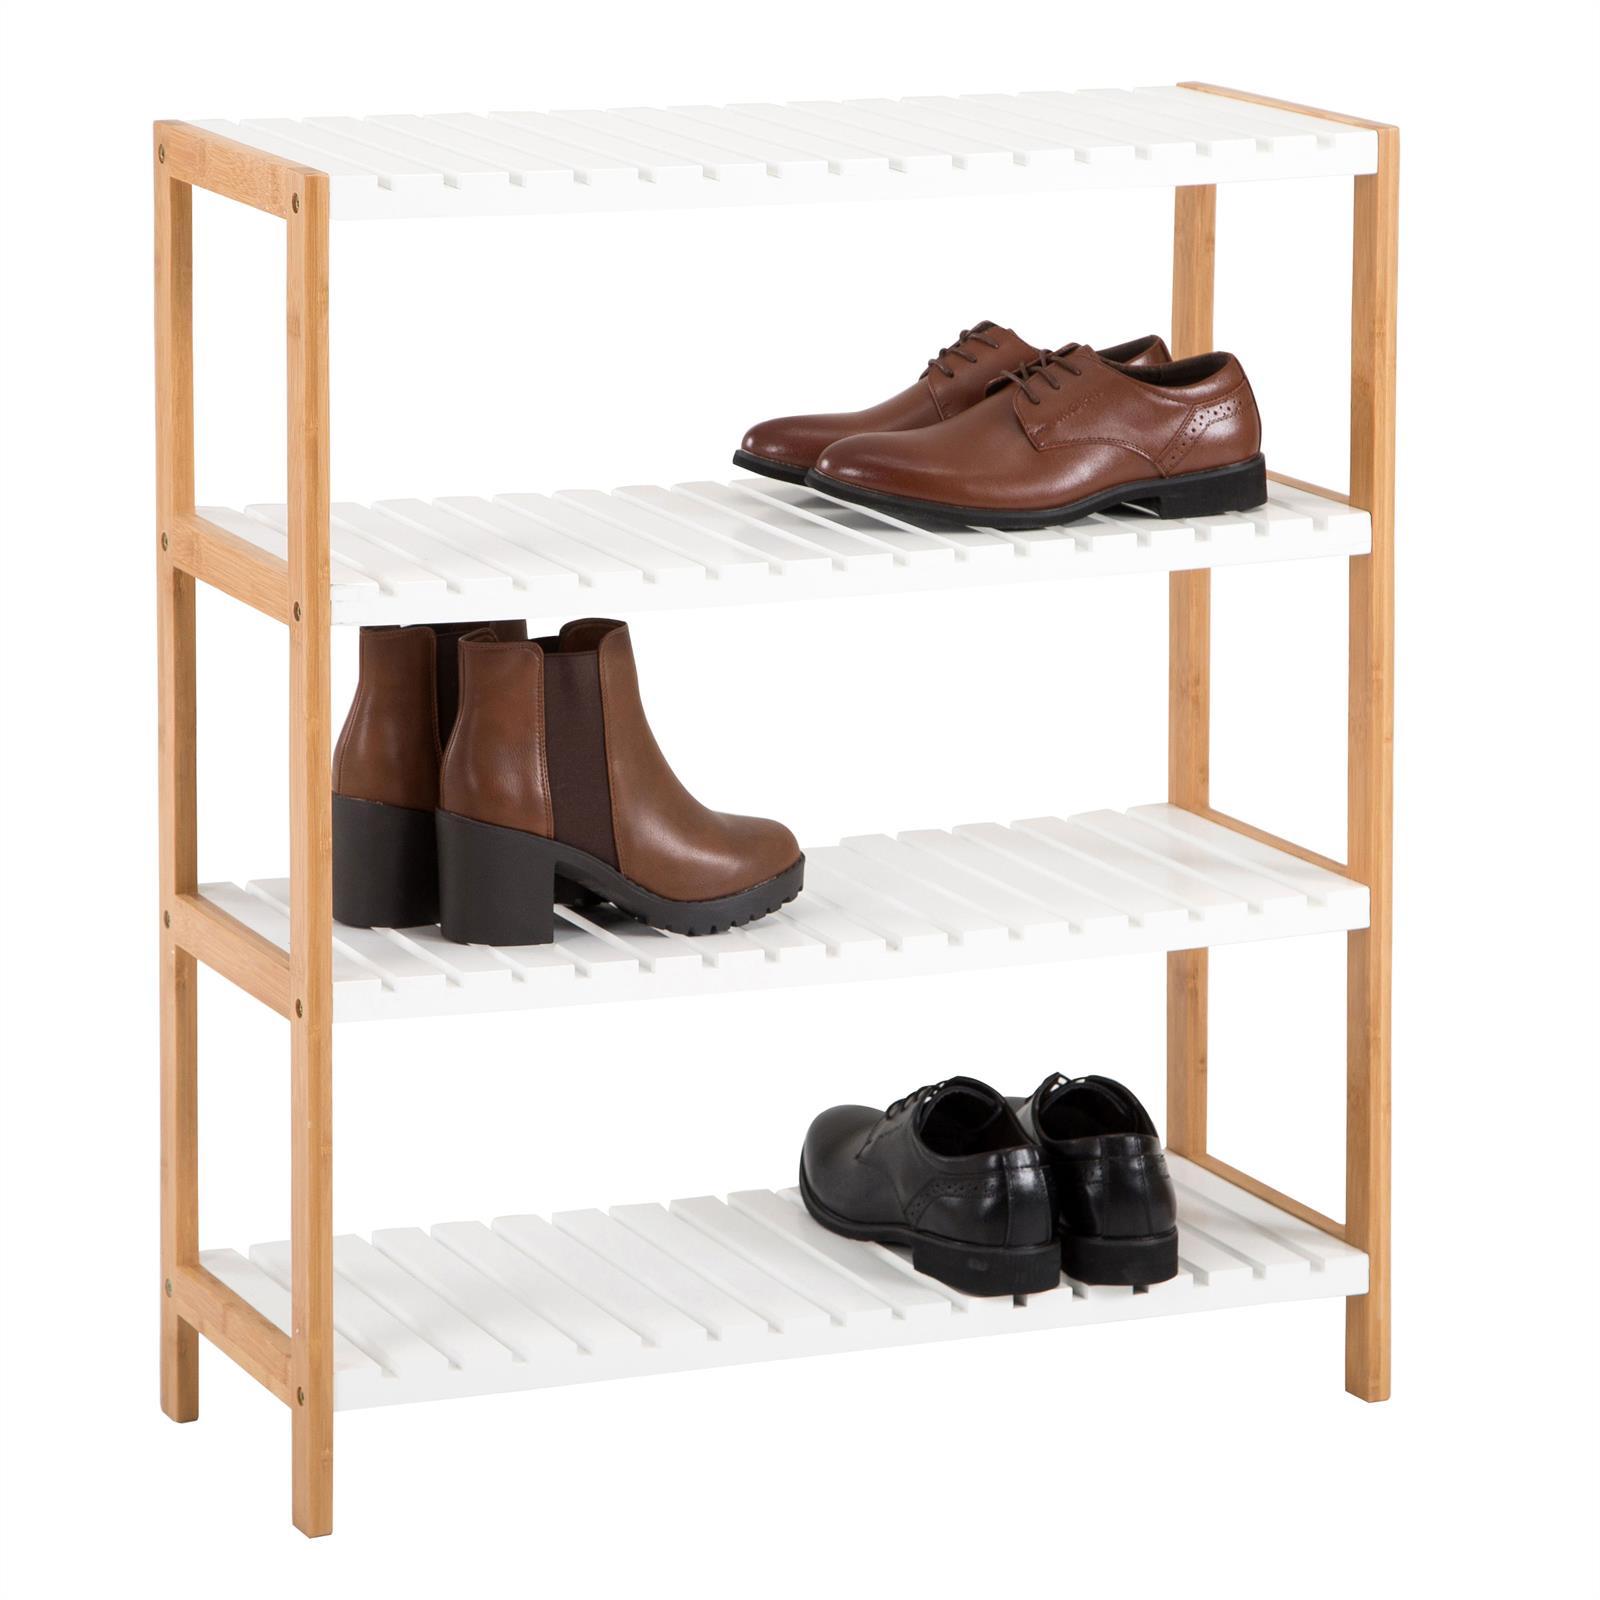 Etagres Chaussures ABILENE 4 Tablettes En Bambou